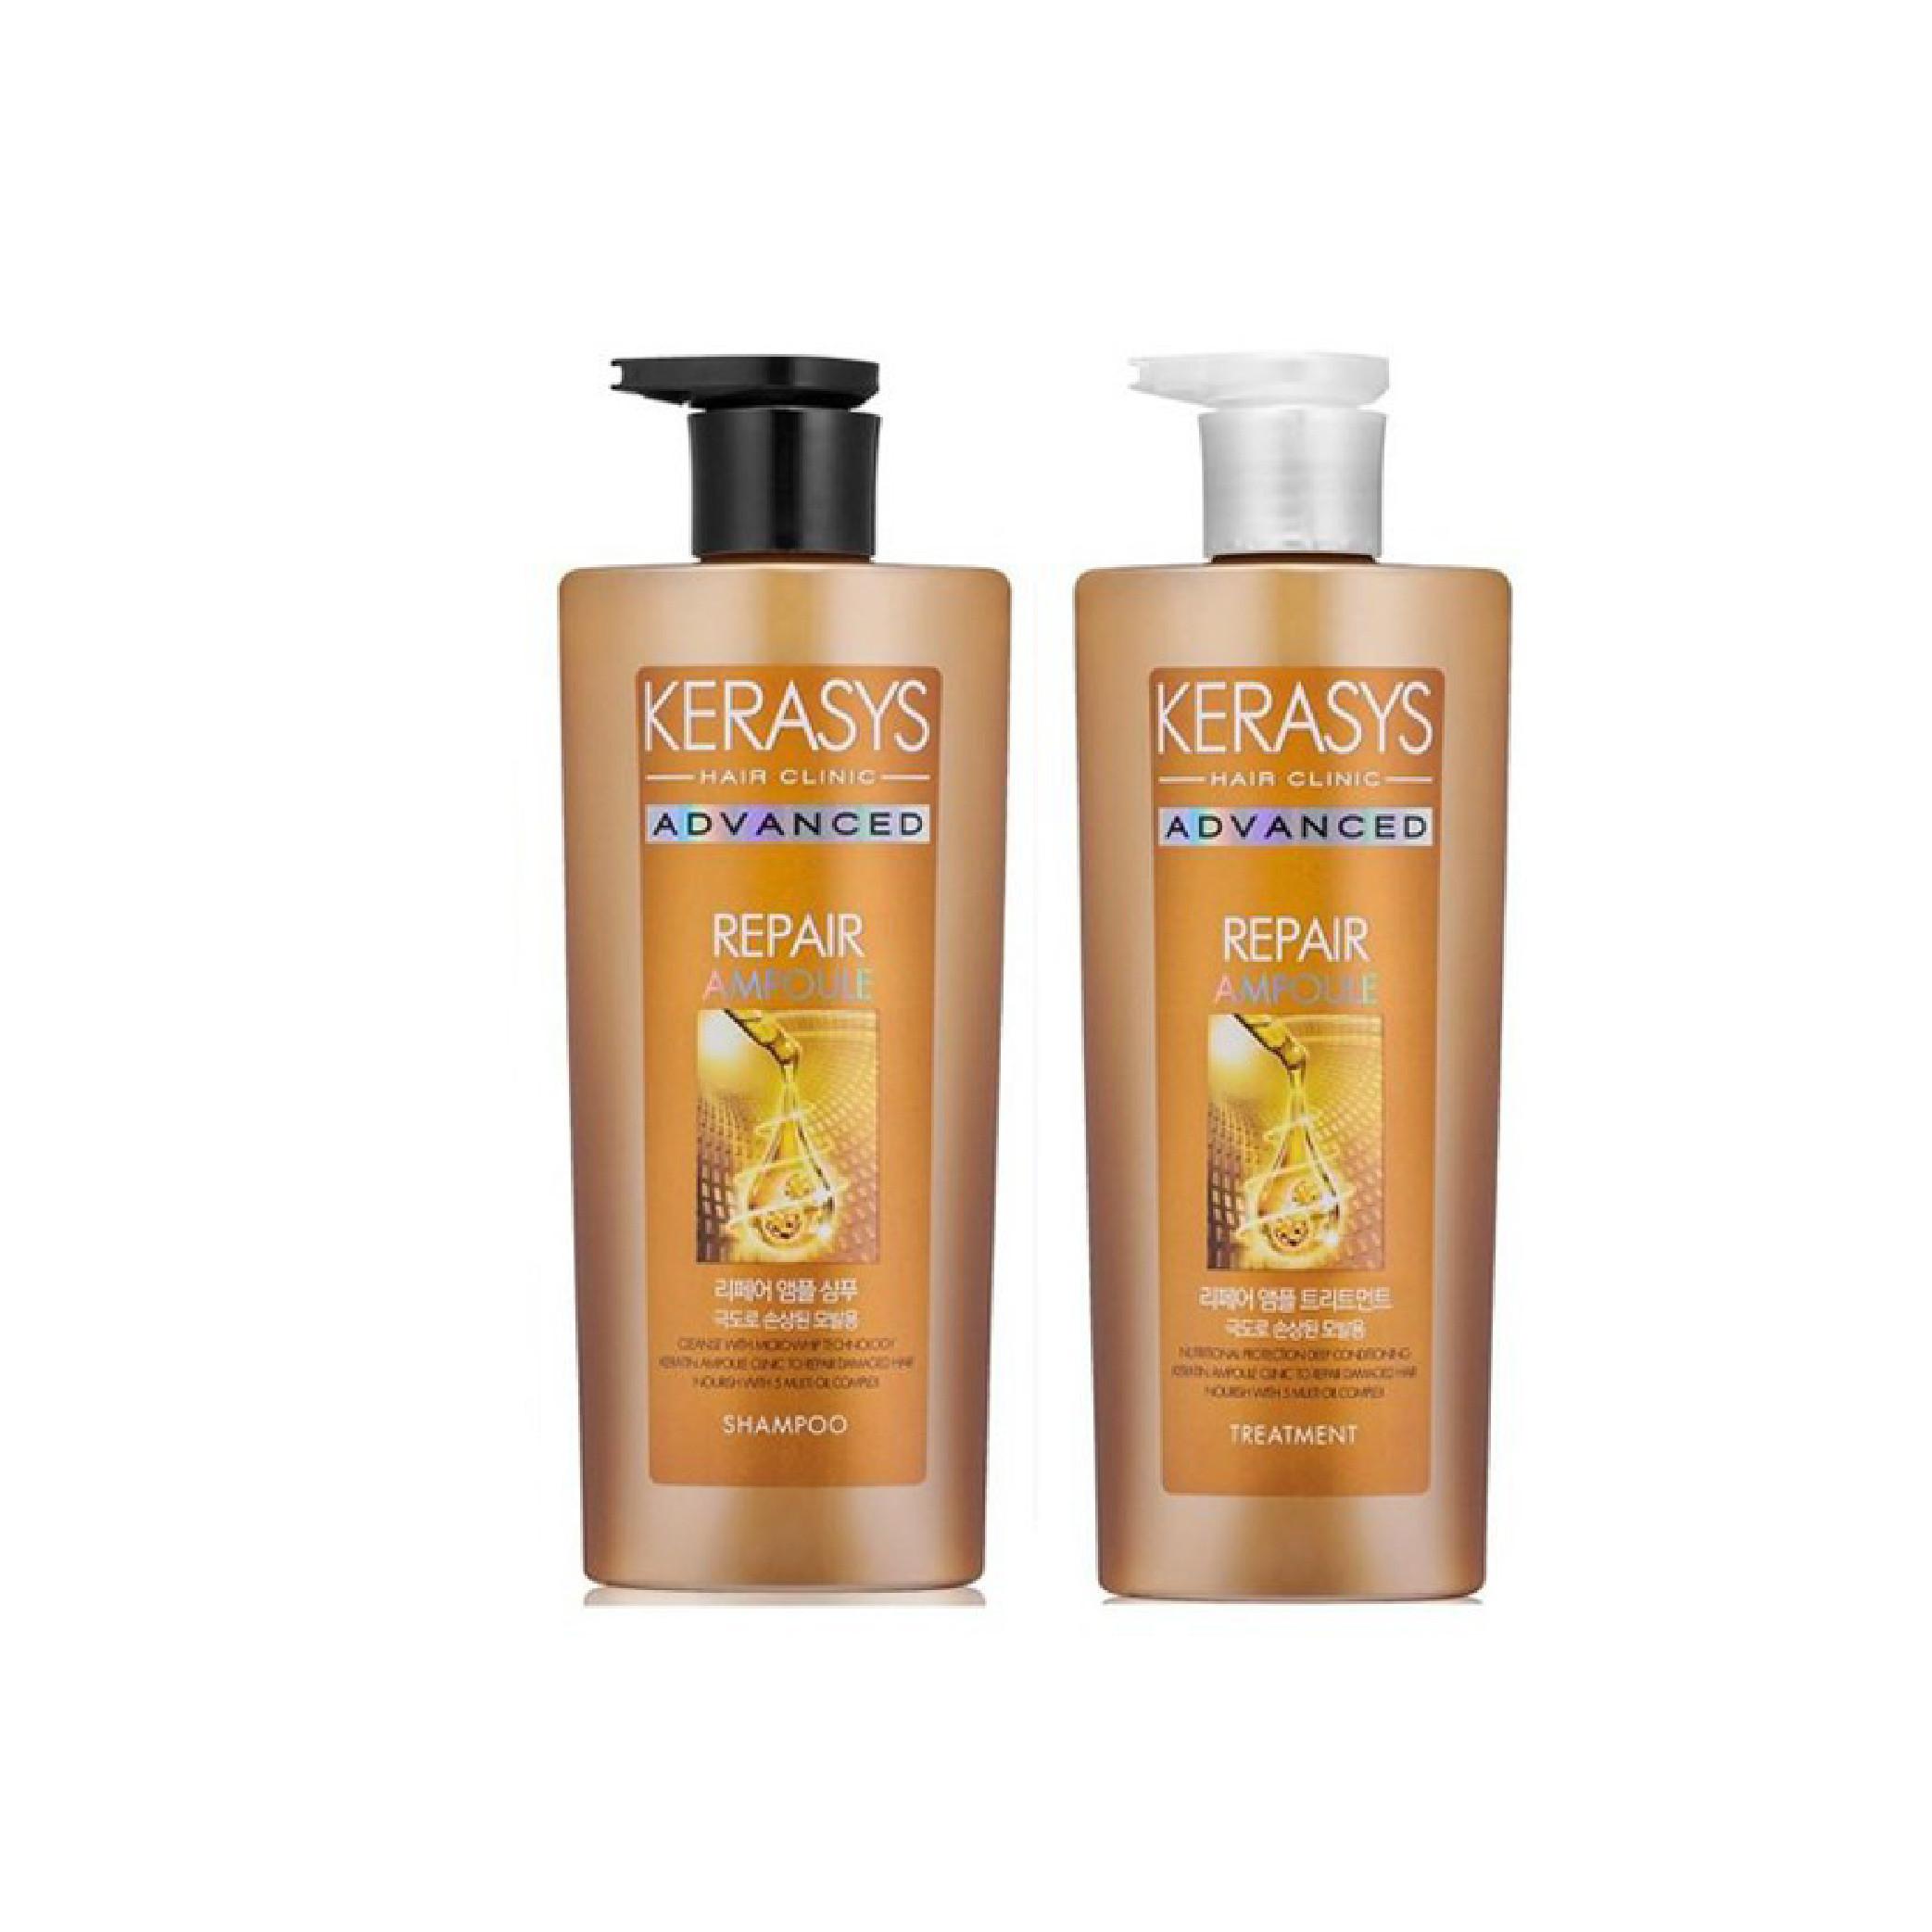 Bộ dầu gội, xả cao cấp chăm sóc chuyên sâu và phục hồi tóc hư tổn nặng KERASYS ADVANCED AMPOULE REPAIR 600ml - Hàn Quốc Chính Hãng